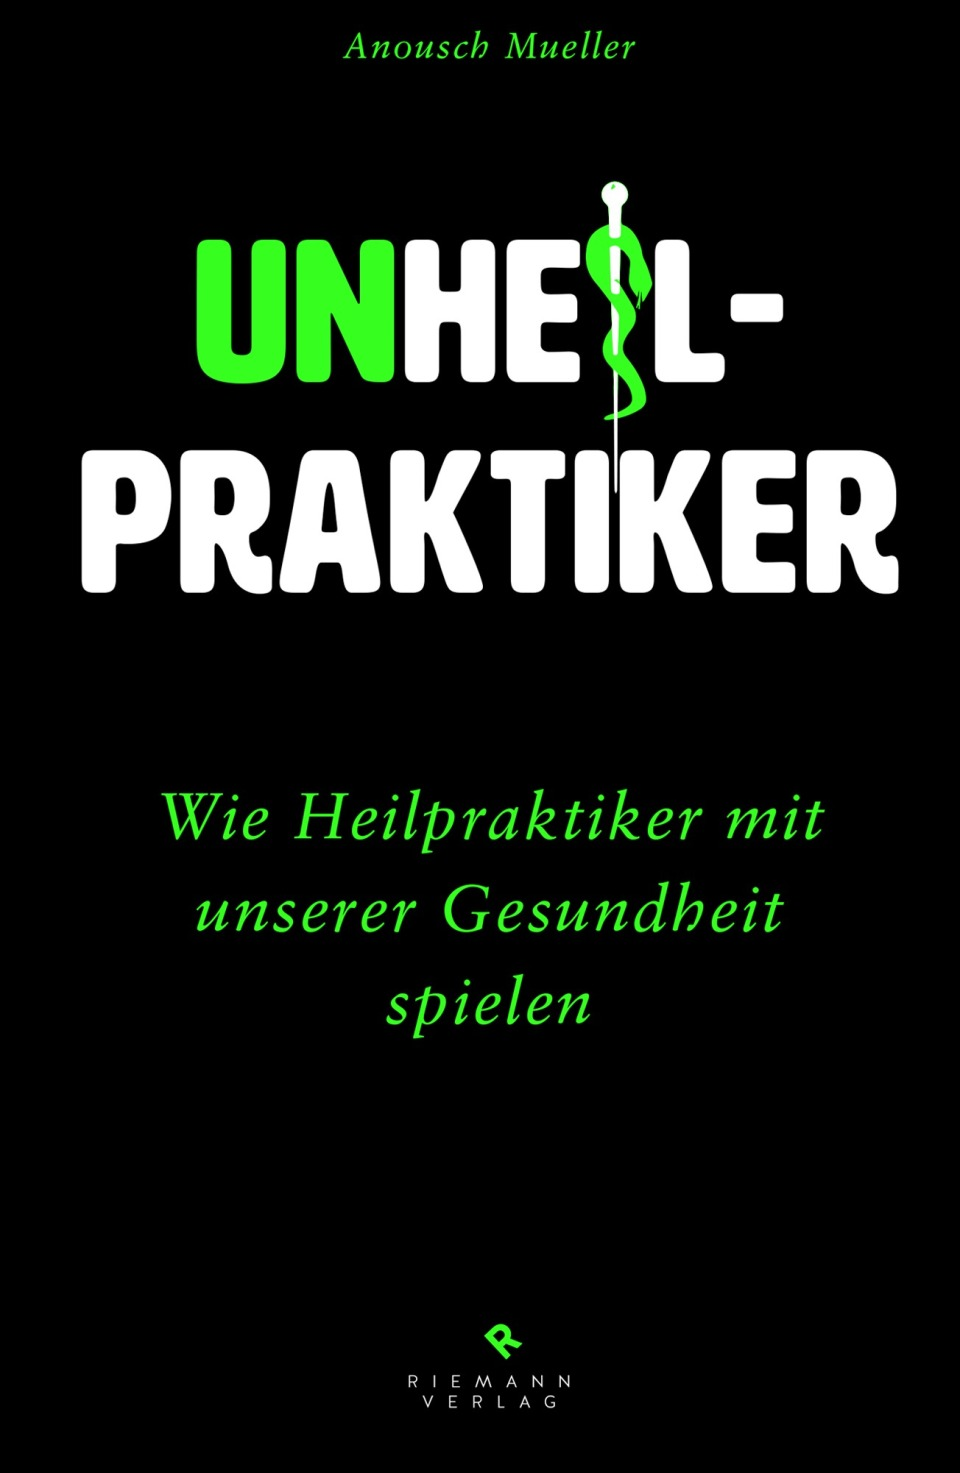 Unheilpraktiker von Anousch Mueller